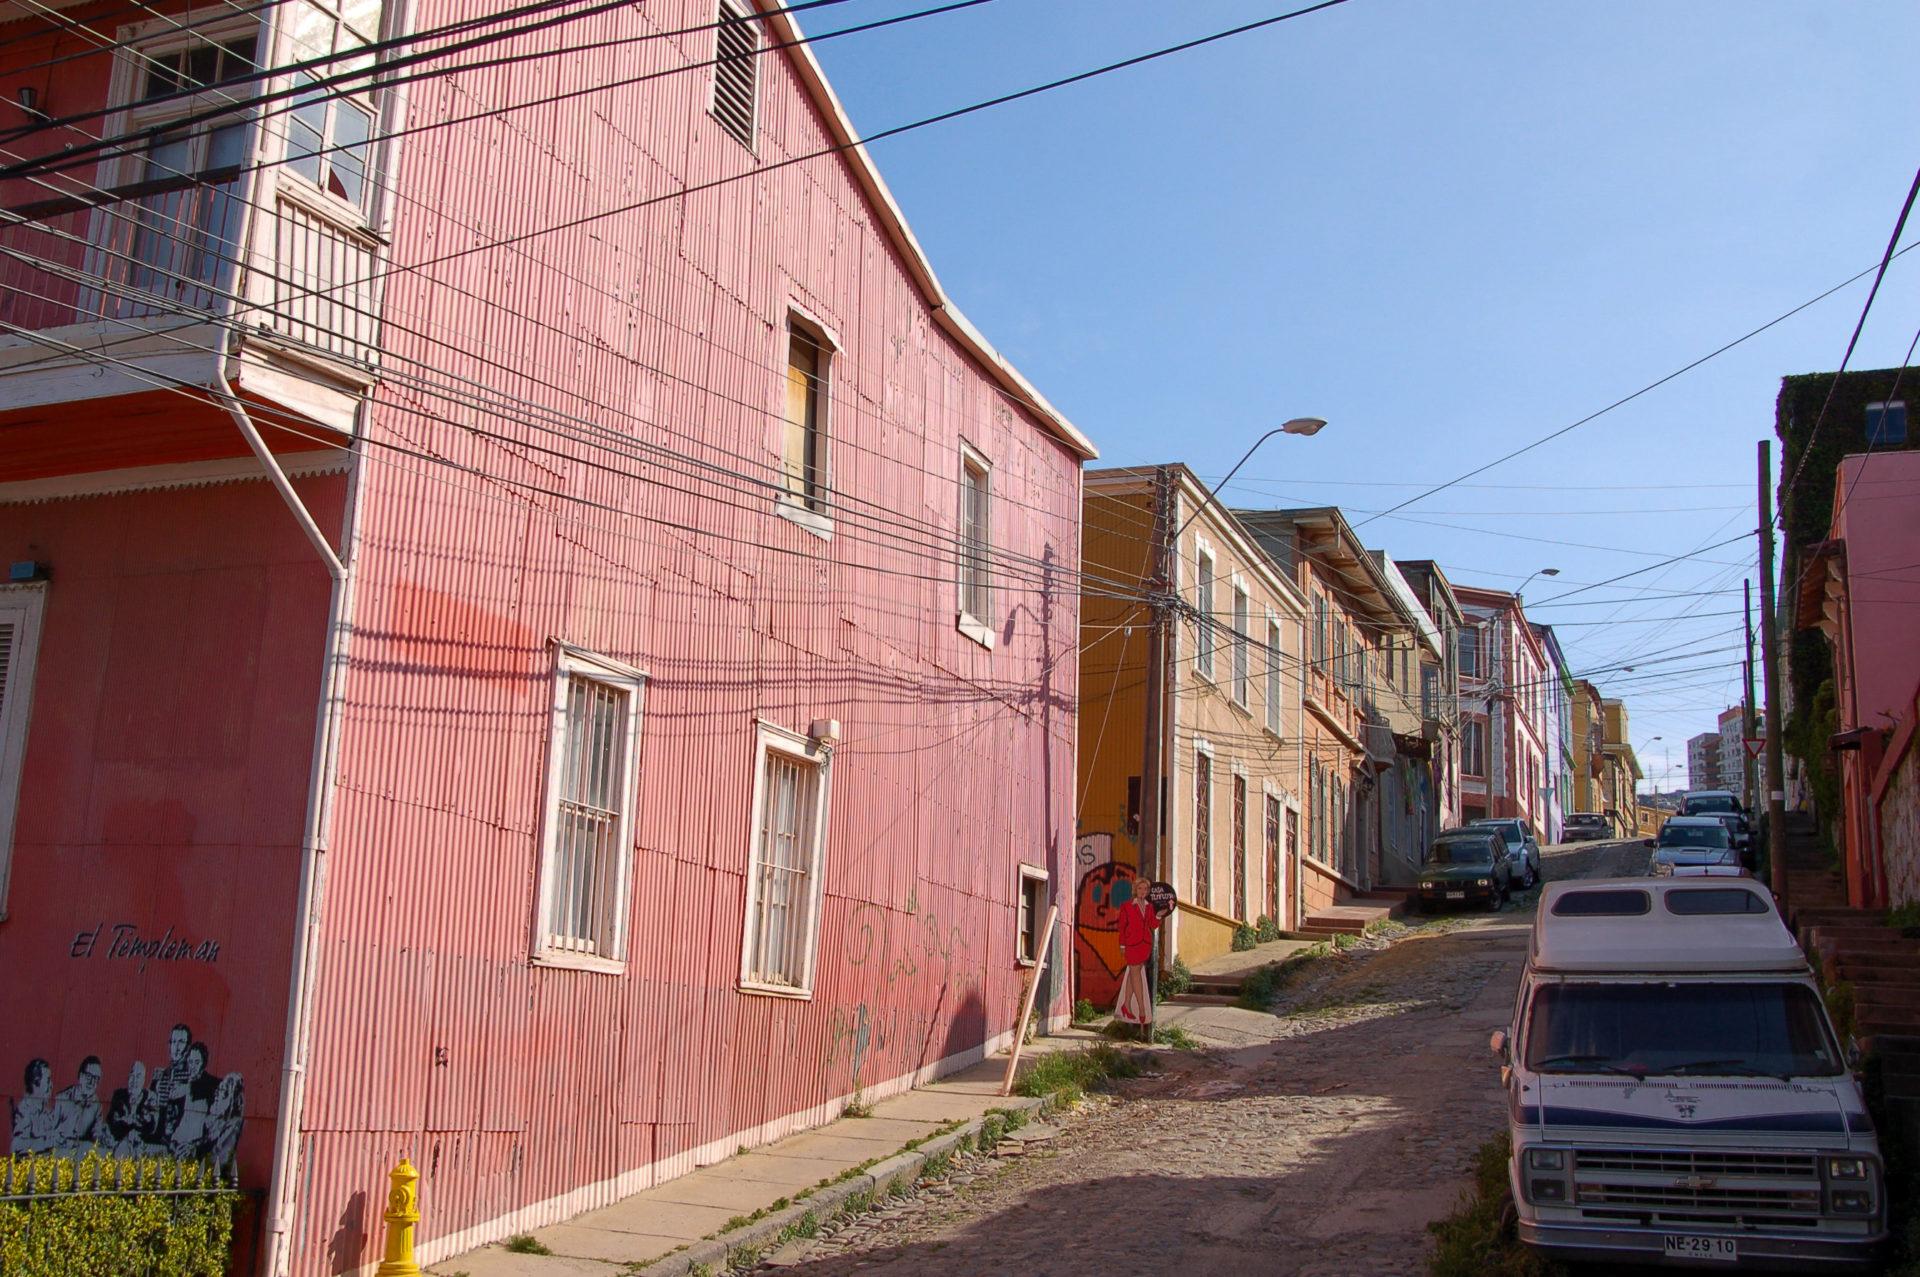 Bunte Häuser und Stromleitungen am Cerro Allegre in Valparaiso sehen chaotisch aus